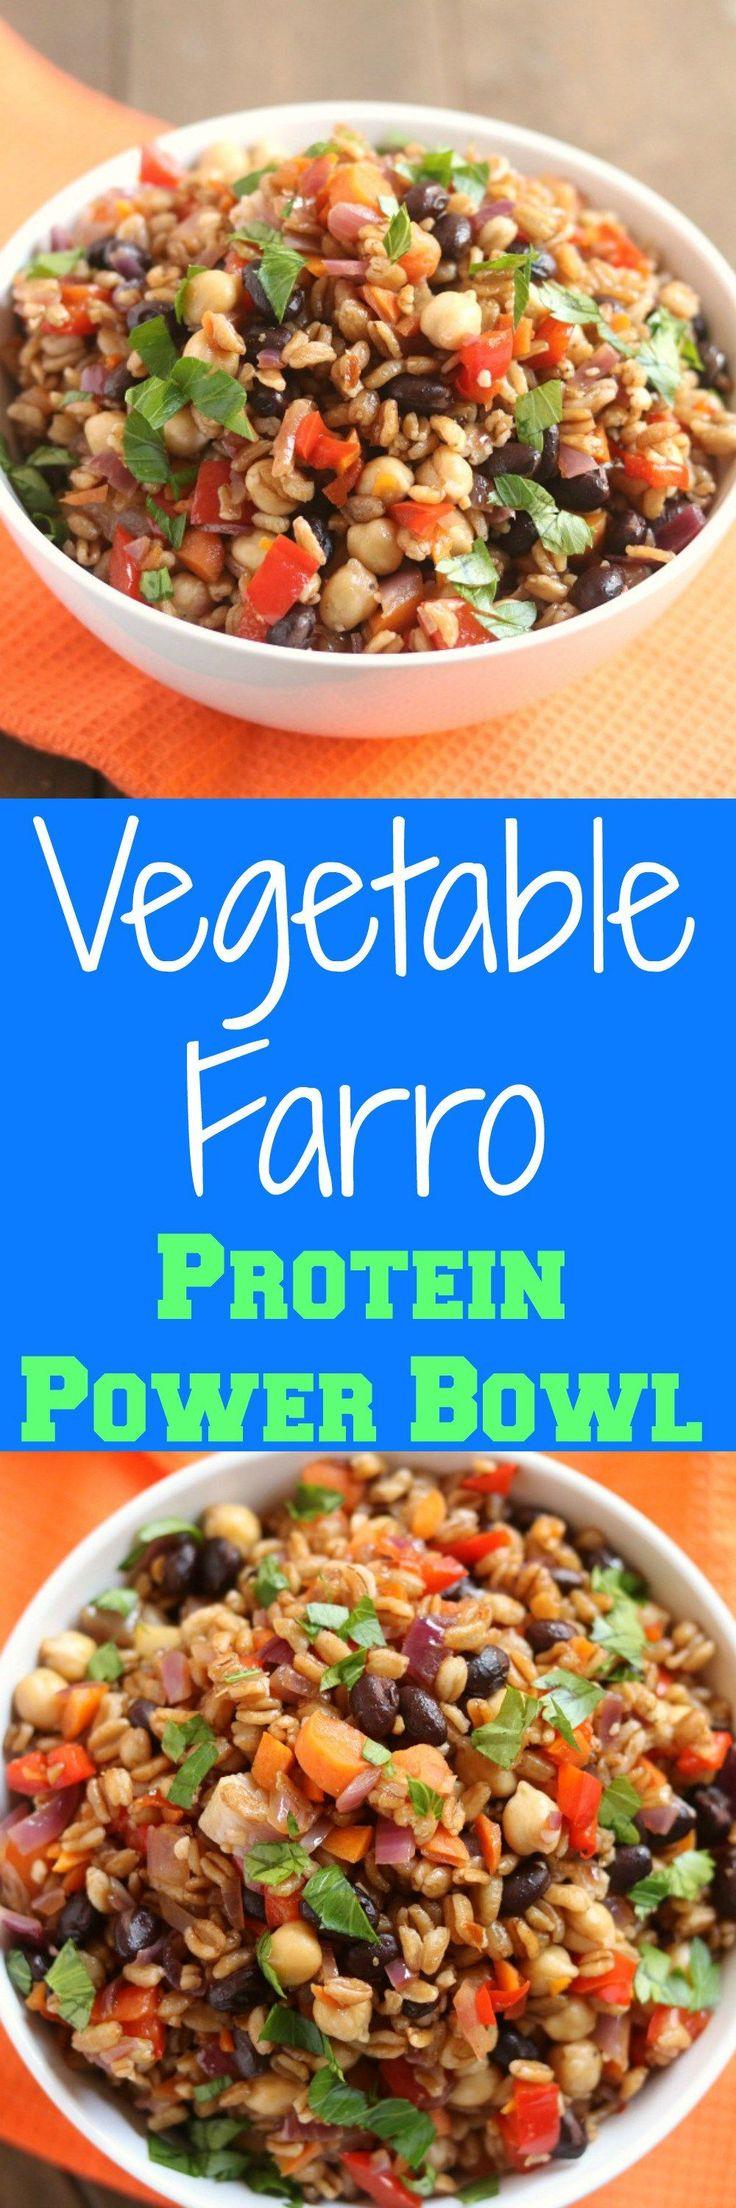 vegetable-farro-protein-power-bowl #thereciperedux